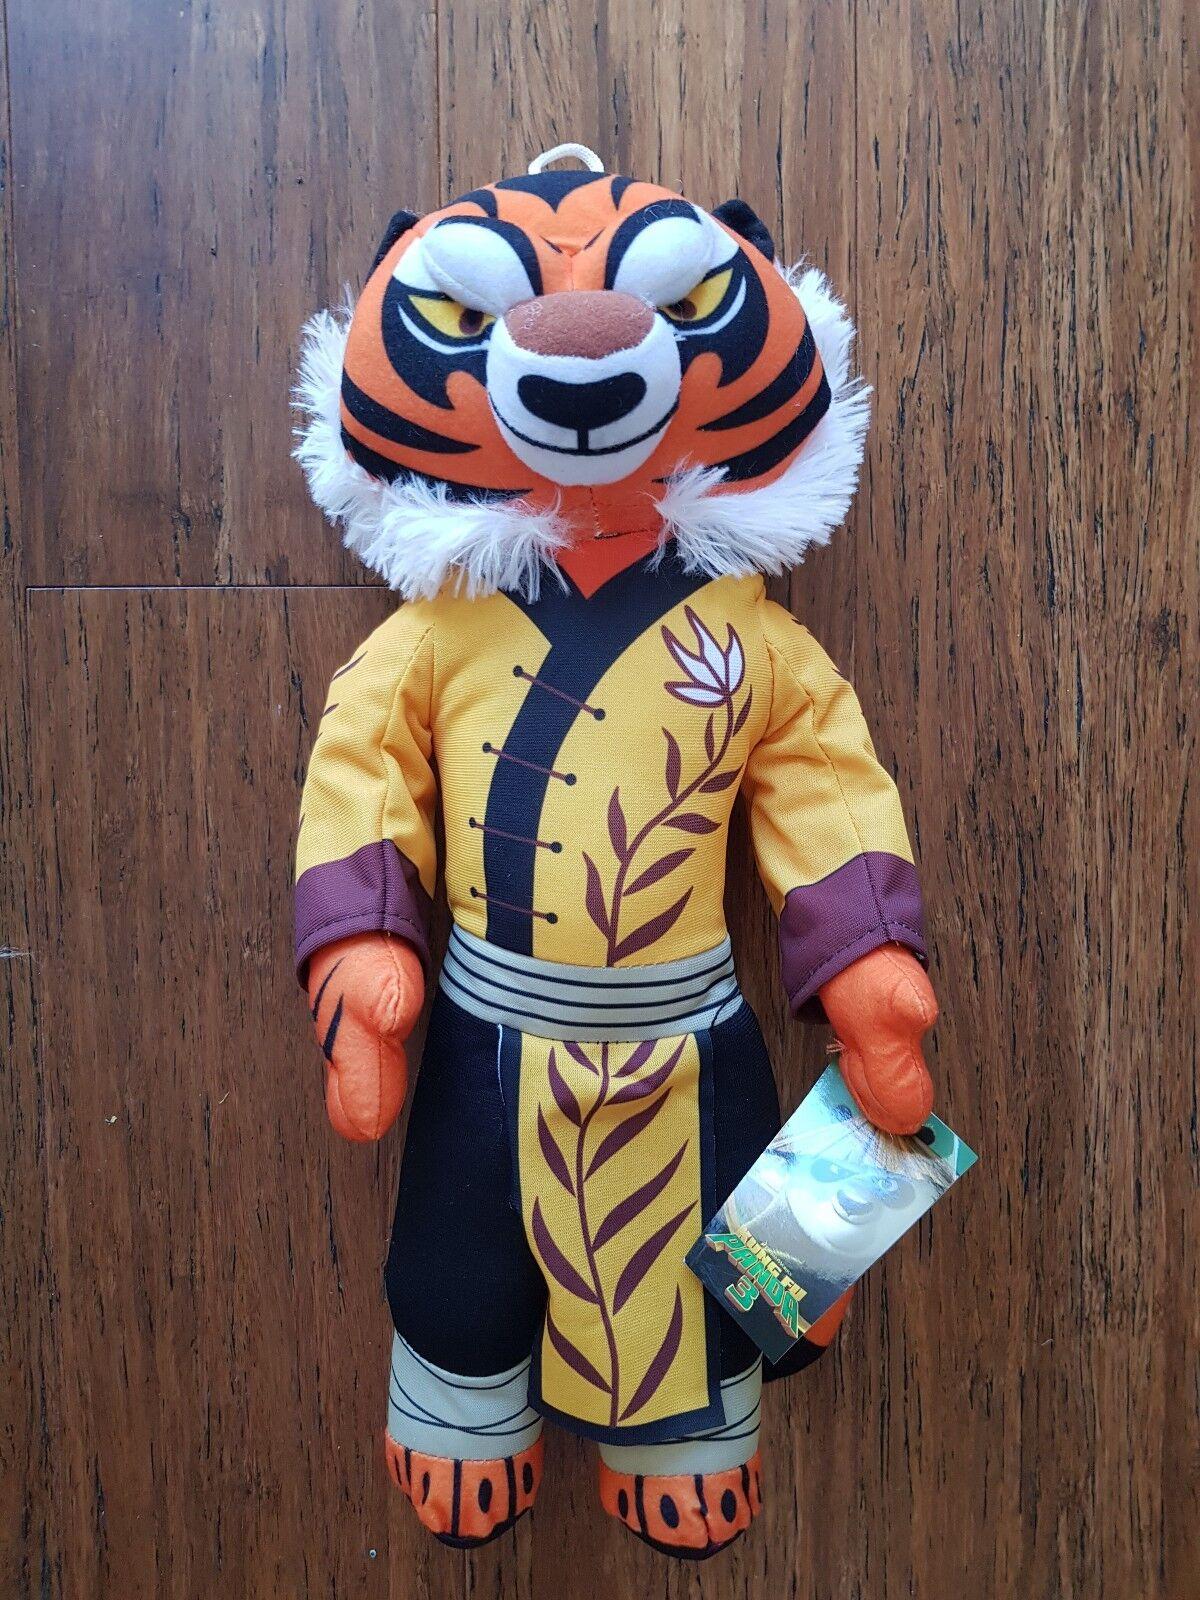 Dreamworld Kung Fu Panda 3 Tigress Plush Soft Stuffed Doll Toy 15'' 40 cm